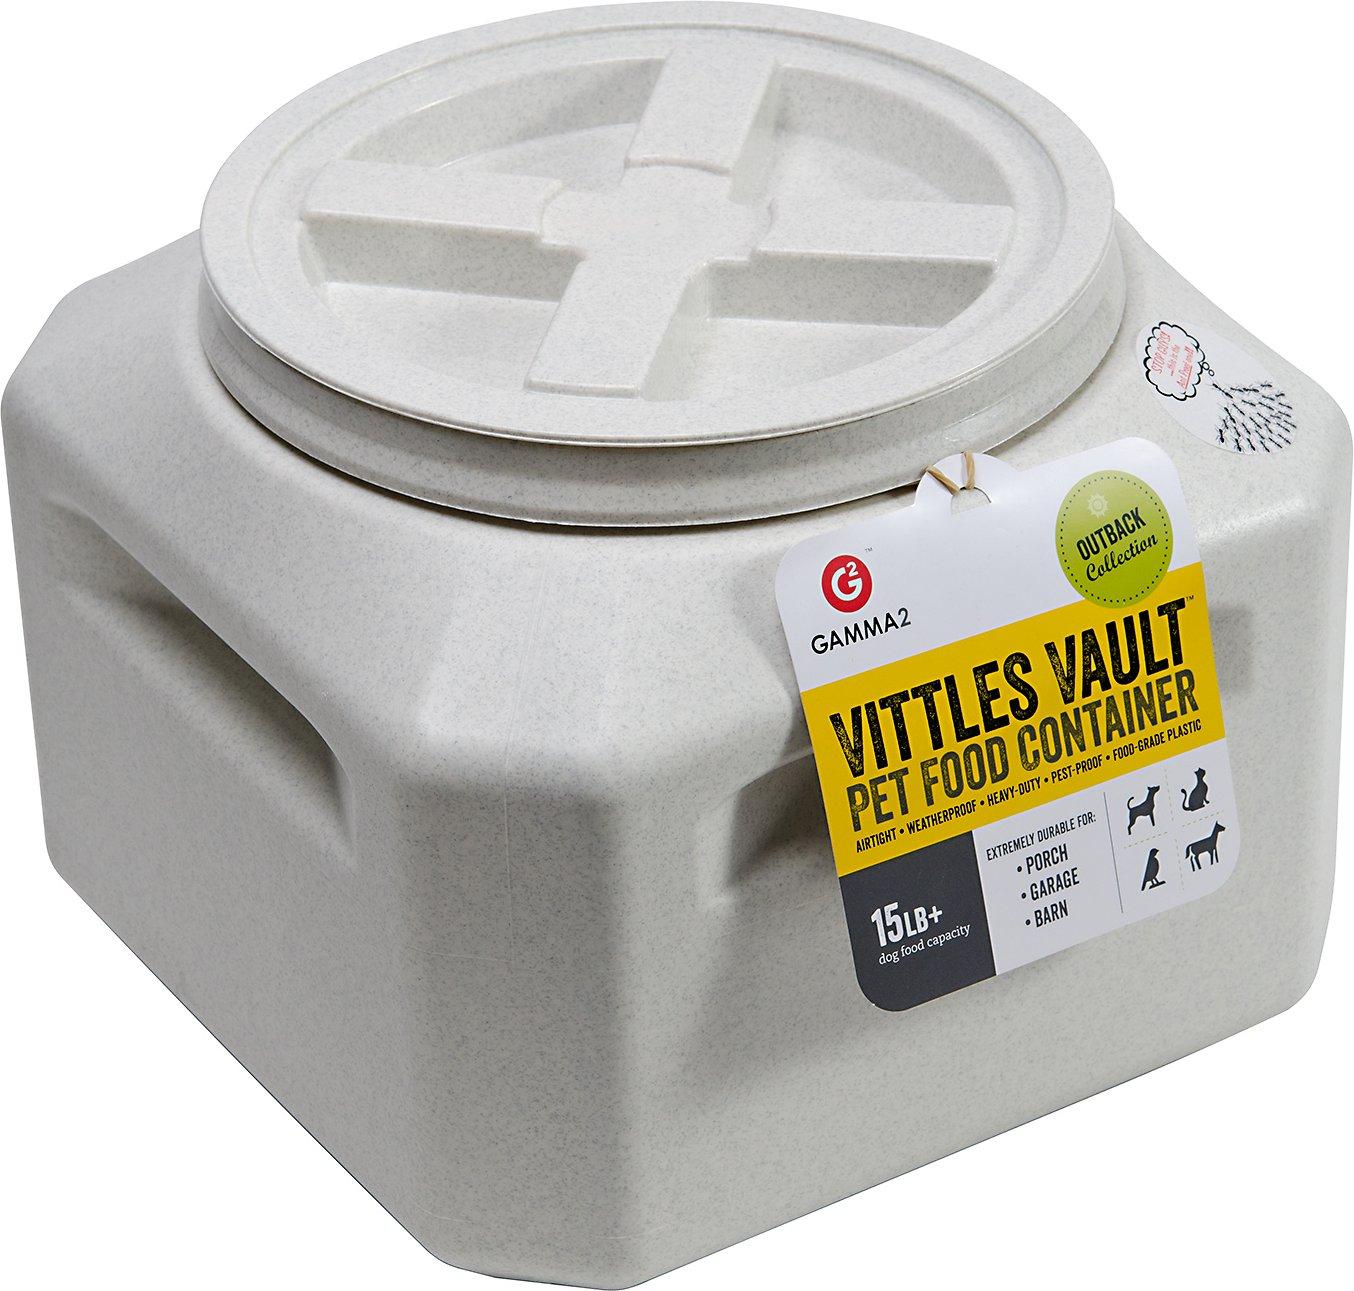 Gamma2 Vittles Vault Pet Food Storage Image